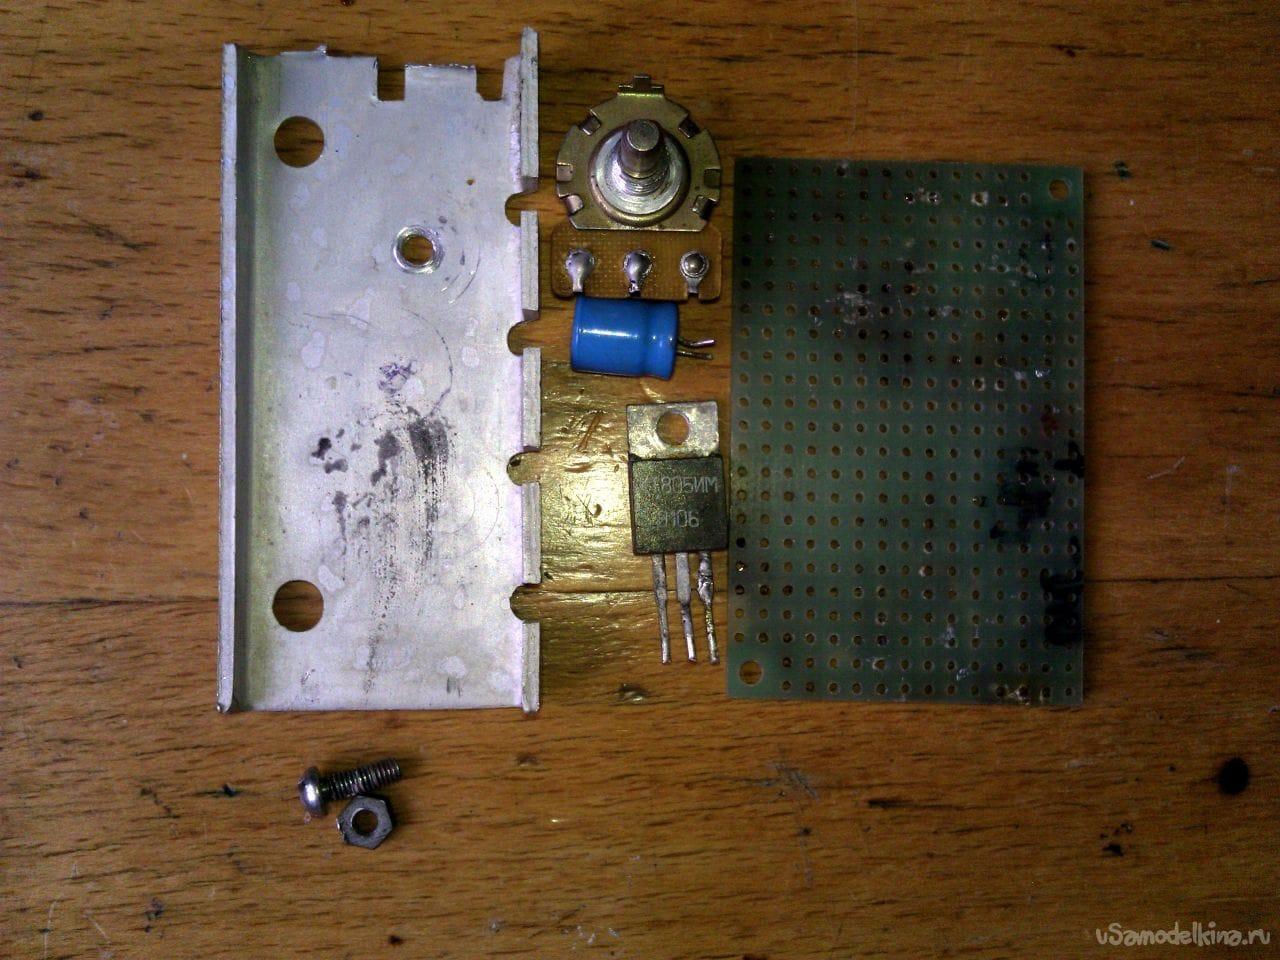 Схема подключения реверсивного магнитного пускателя Как собрать монтажную схему